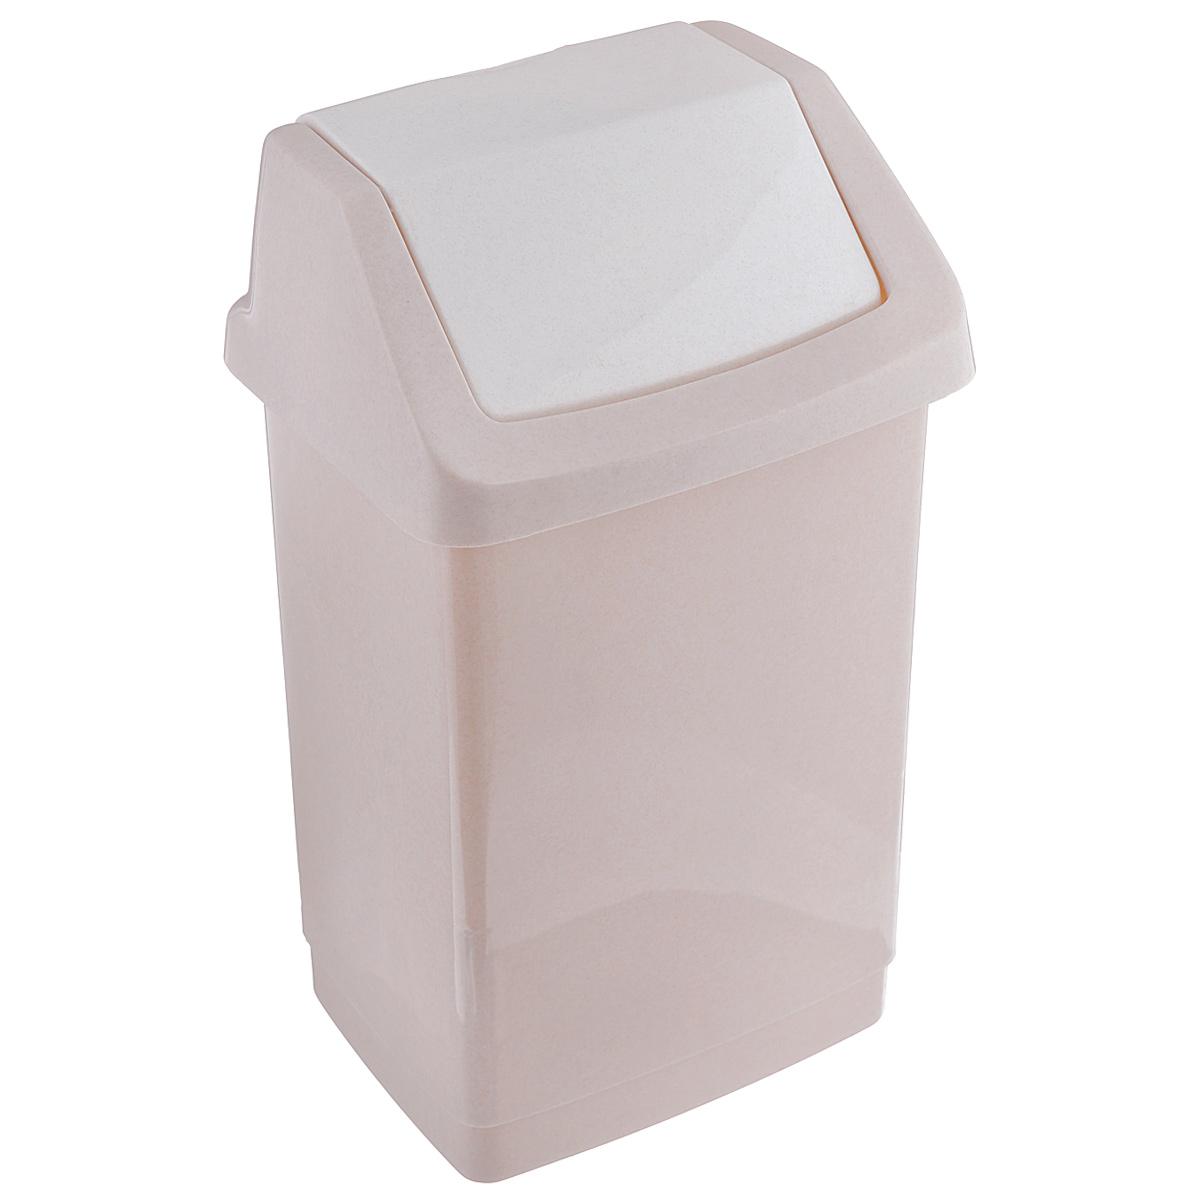 Контейнер для мусора Curver Клик-ит, цвет: бежевый, 9 л391602Контейнер для мусора Curver Клик-ит изготовлен из прочного пластика. Контейнер снабжен удобной съемной крышкой с подвижной перегородкой. Благодаря лаконичному дизайну, такой контейнер идеально впишется в интерьер и дома, и офиса.